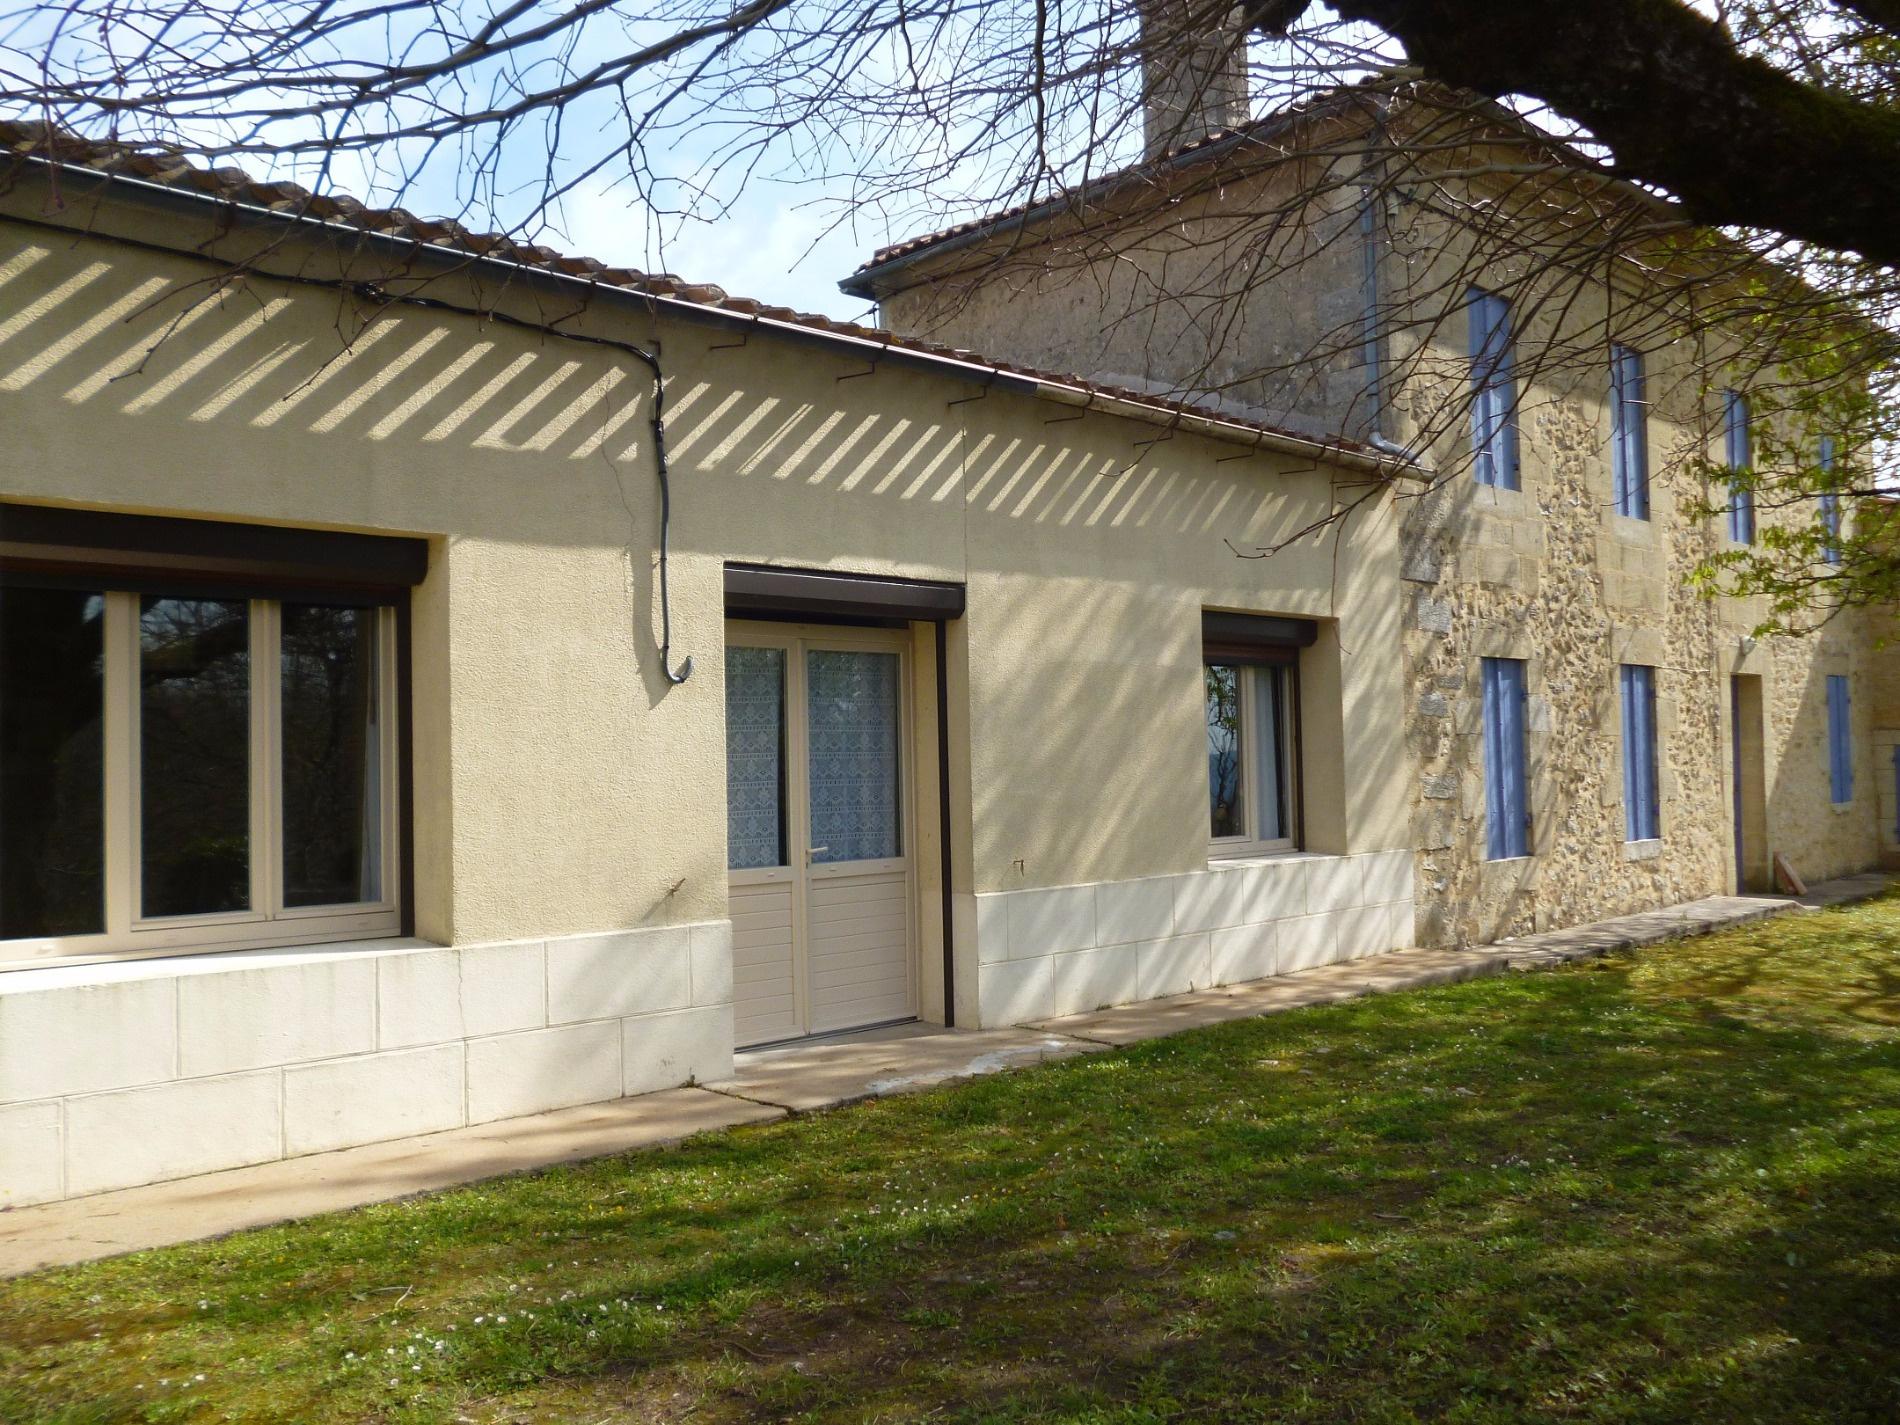 Annonce vente maison saint michel de montaigne 24230 for Annonce vente de maison